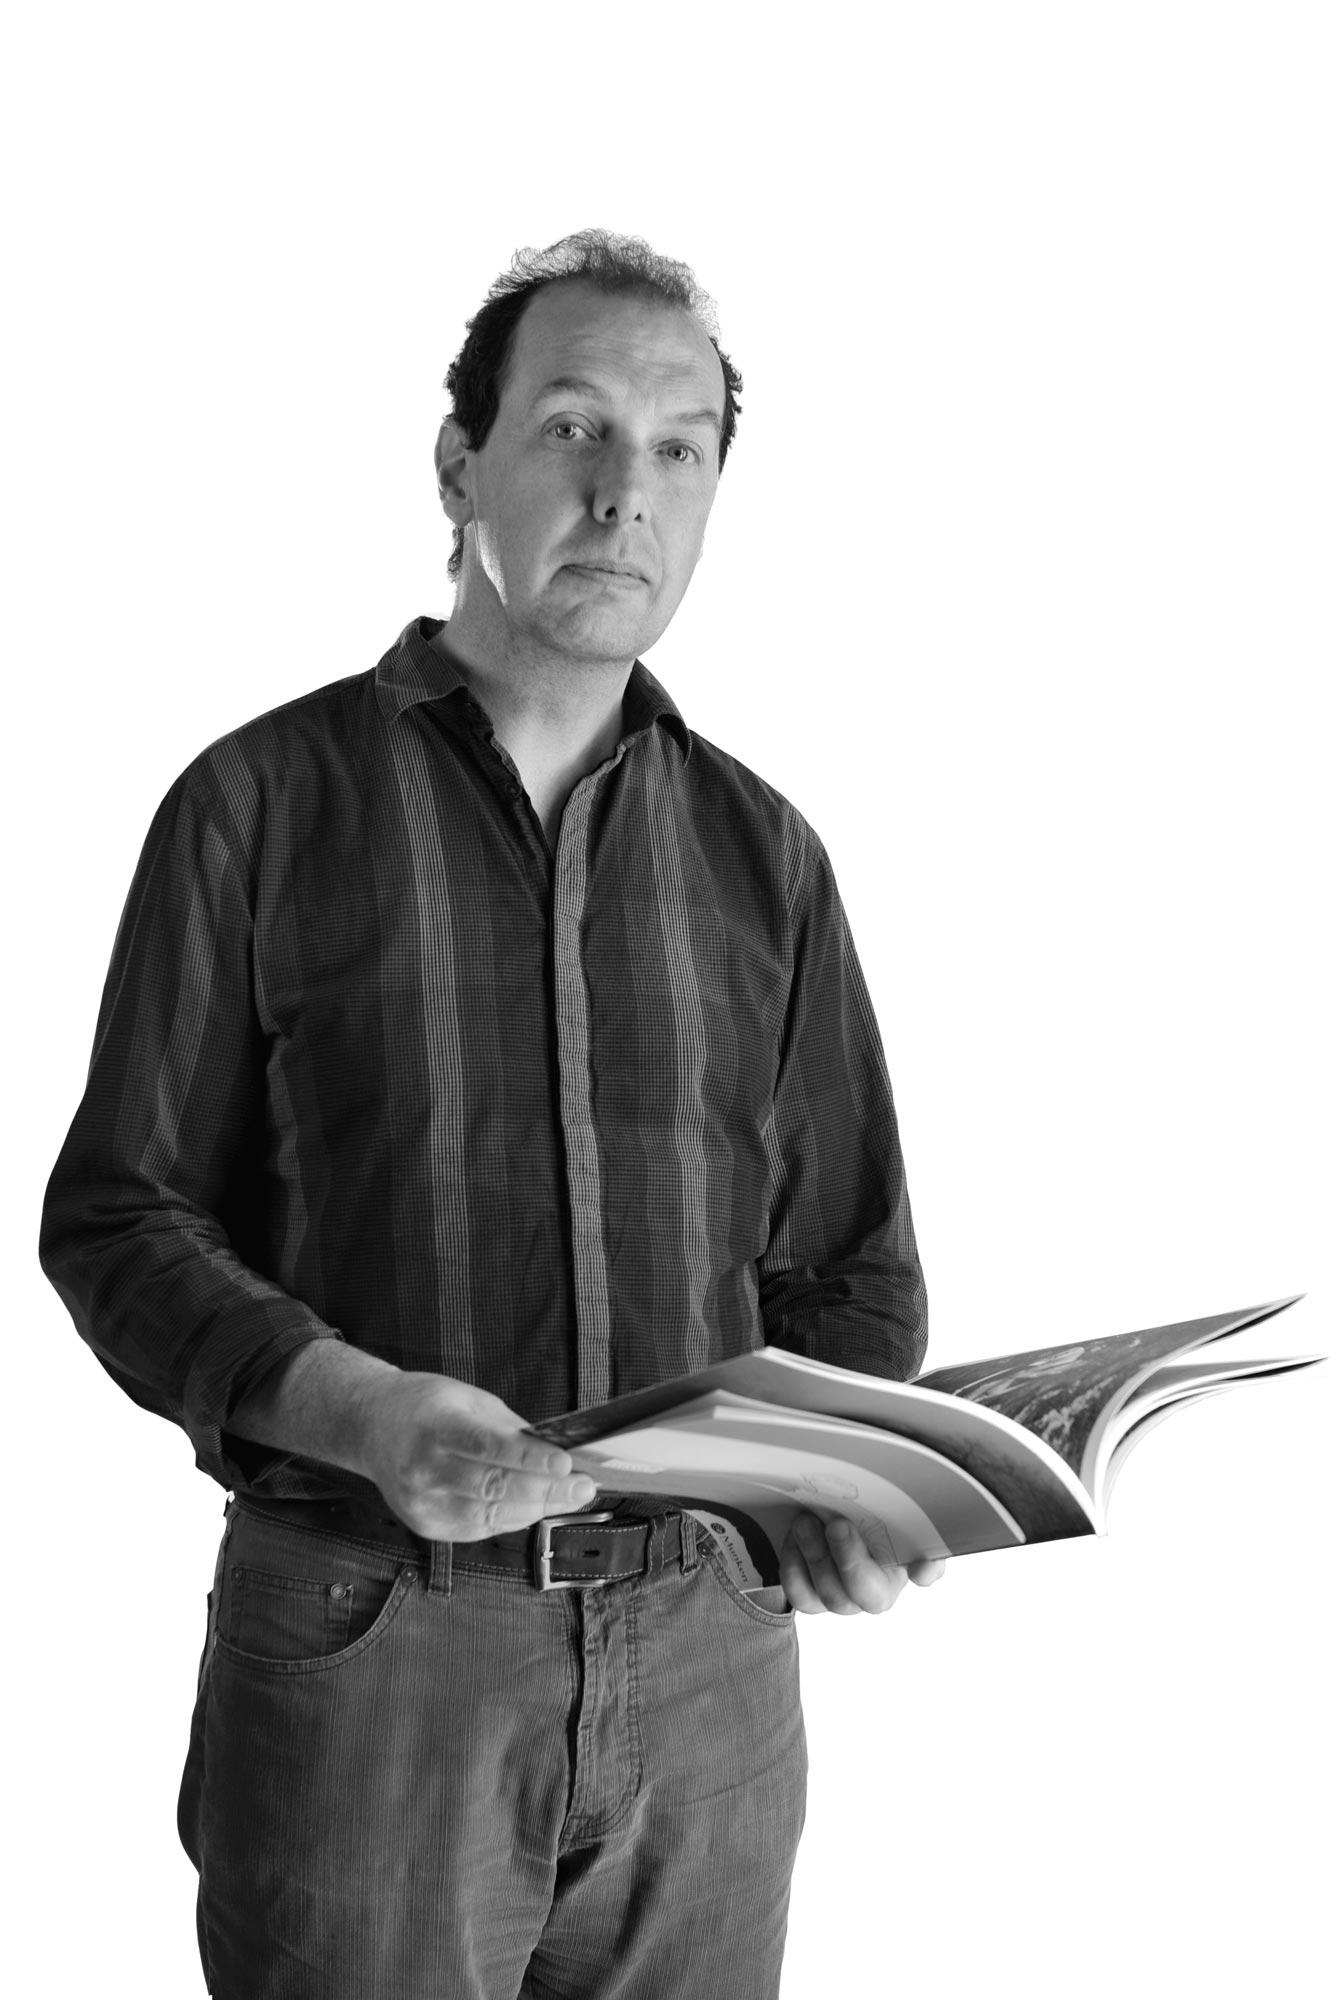 François-Xavier Delogne  Droit immobilier et de la construction Droit familial, patrimonial, notarial   T  +32 (0)2 501 61 12  F :  +32 (0)2 514 22 31   E :   fx.delogne@wery.legal